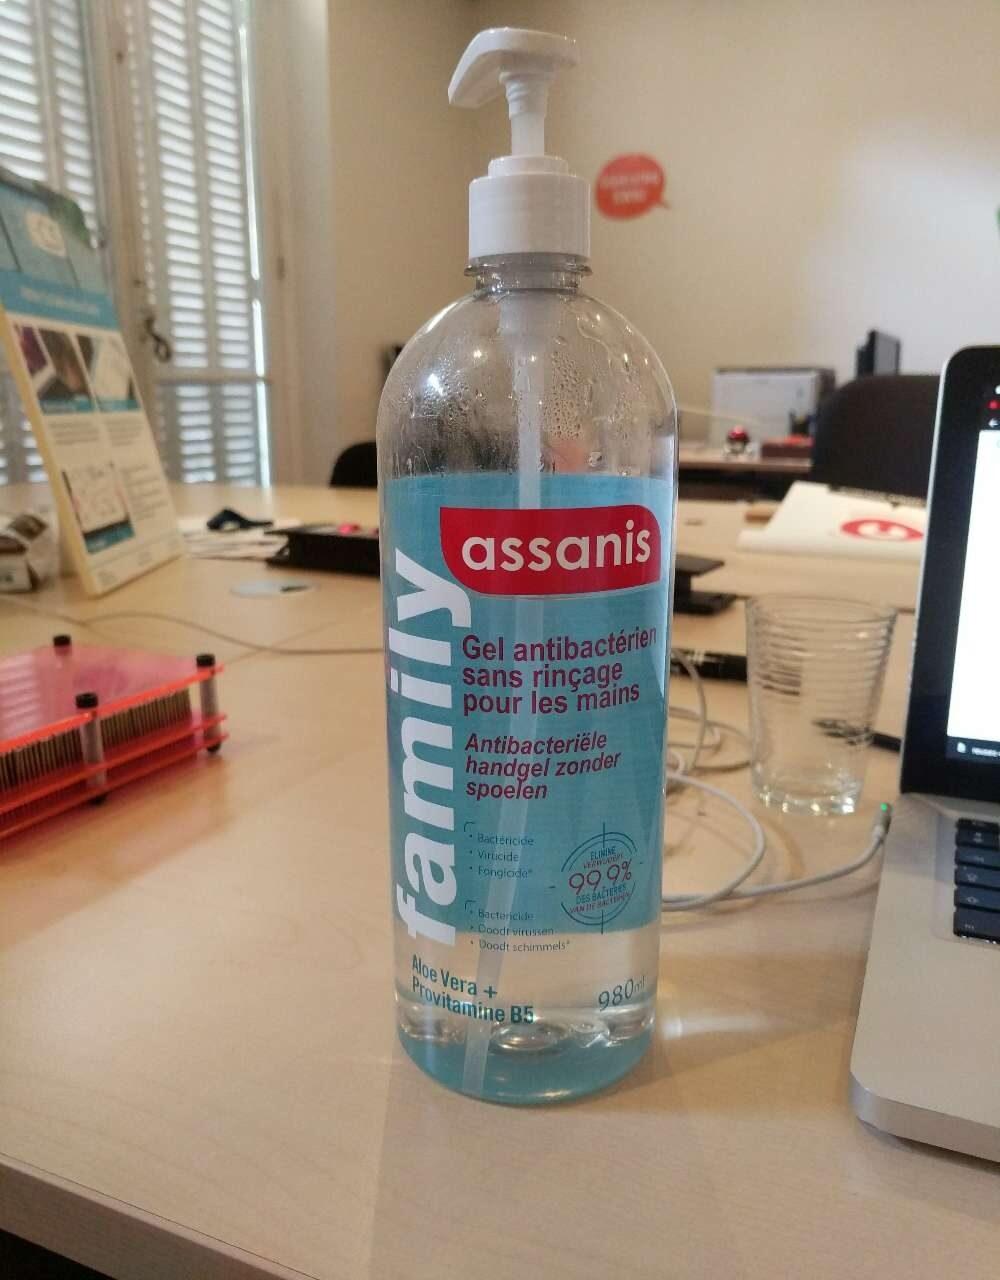 Gel antibactérien sans rinçage pour les mains - Product - en